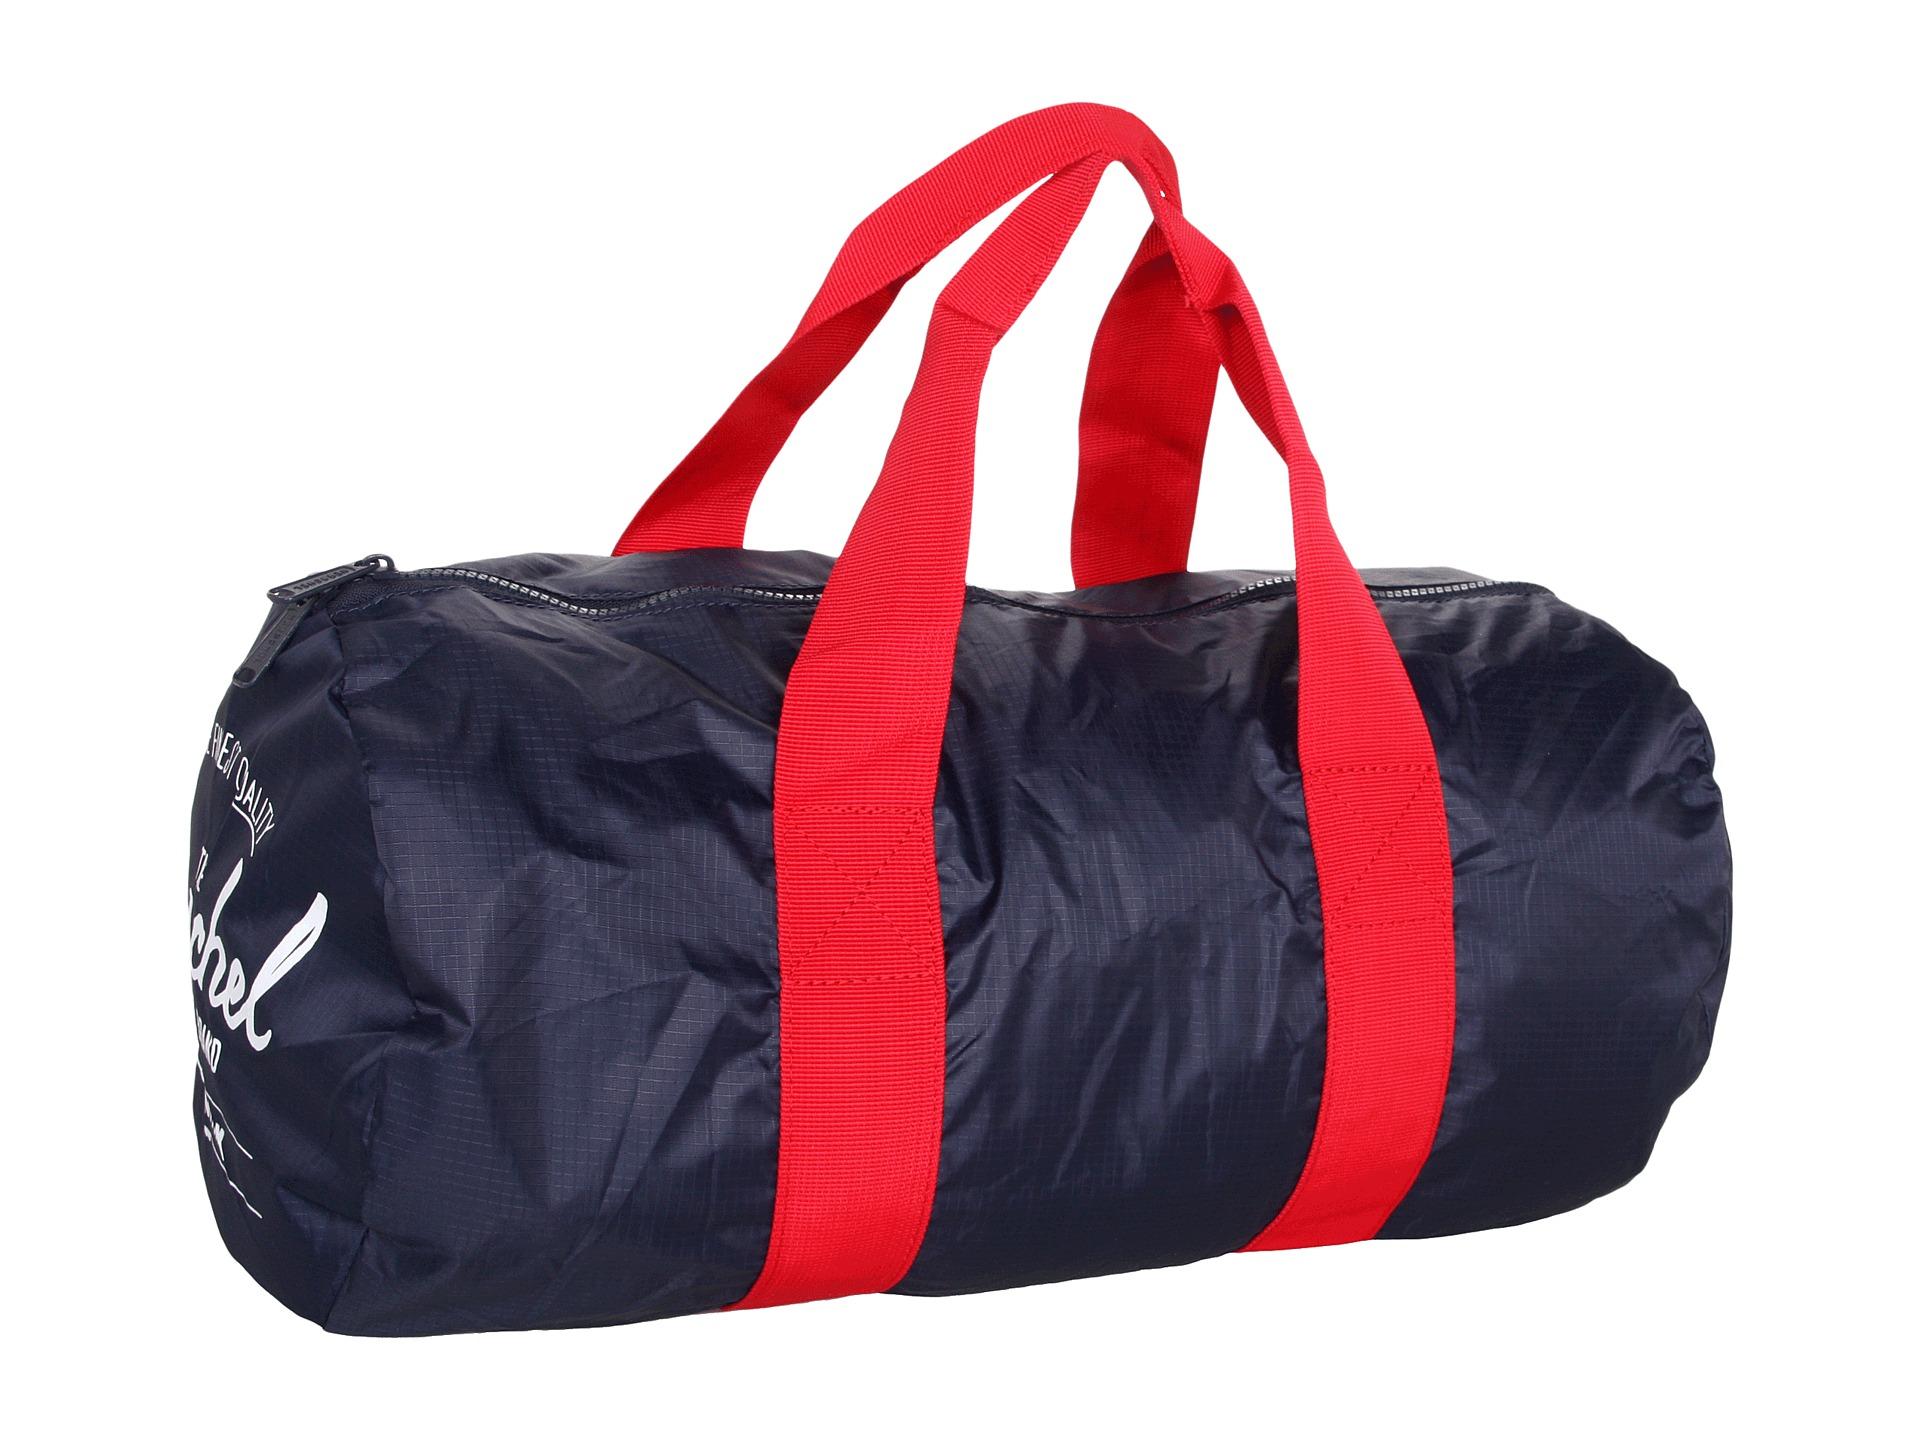 Herschel Duffle Bag | Herschel Back Packs | Canvas Duffel Bag